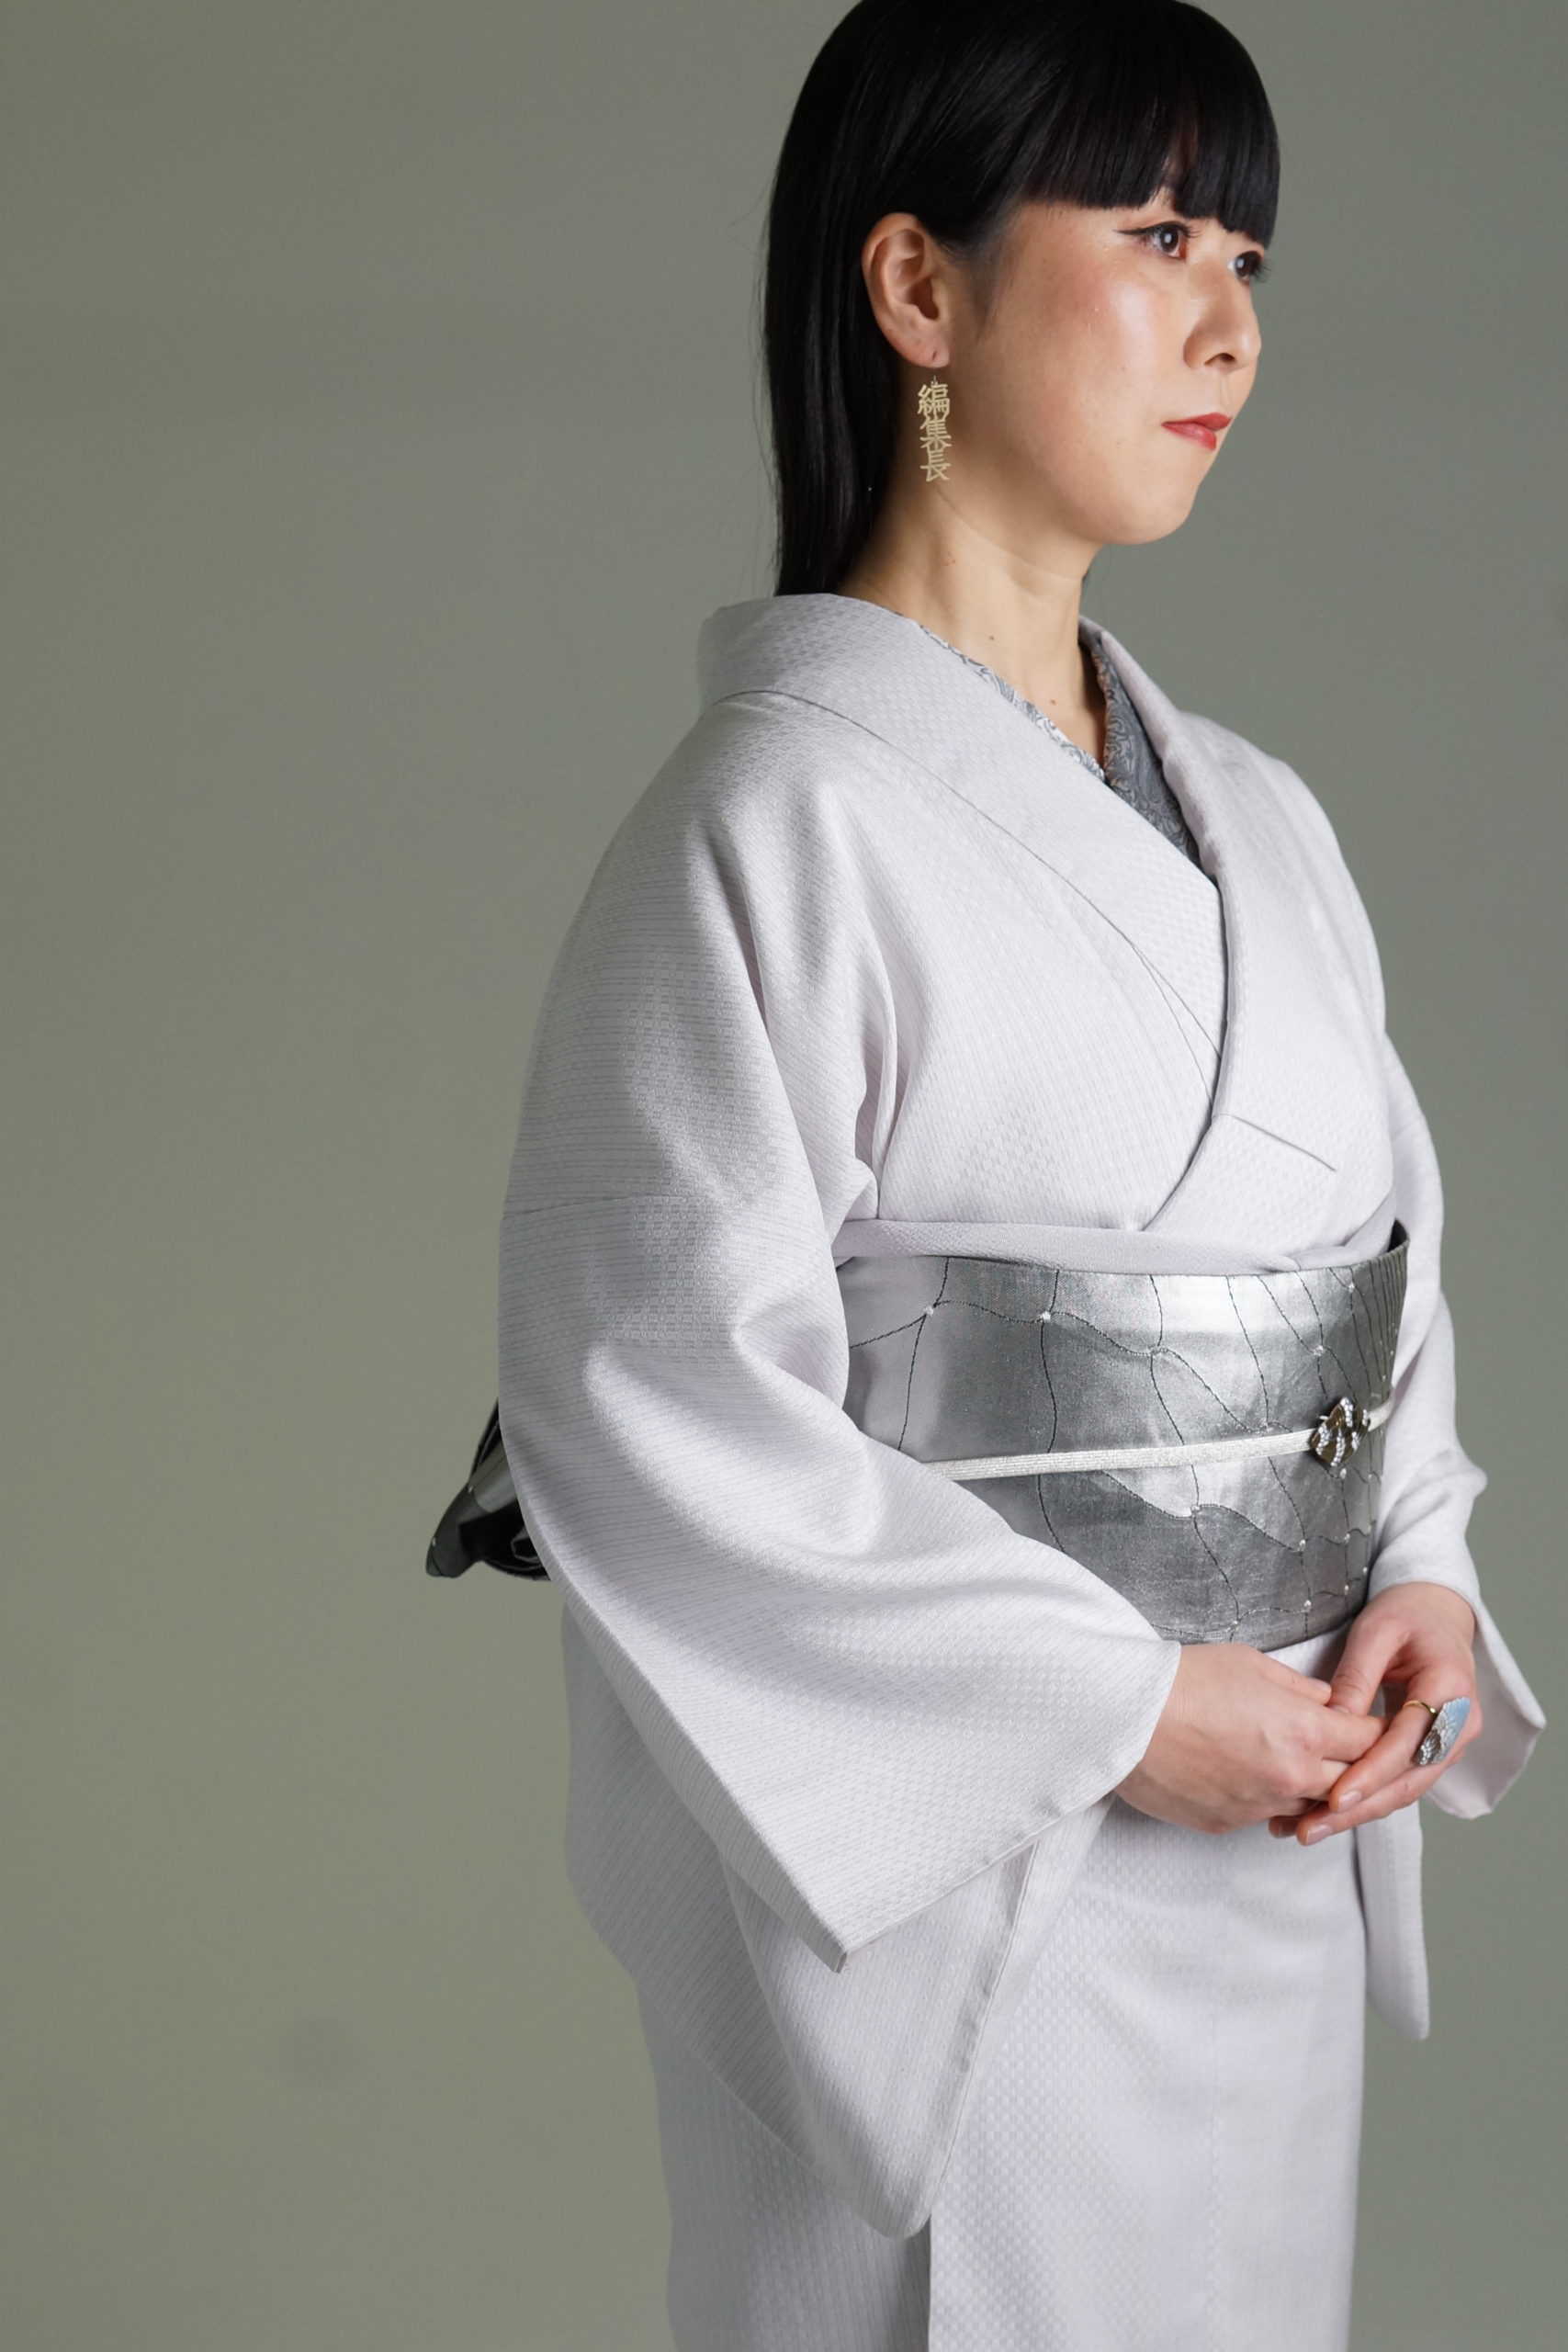 【メノポーズカウンセラー/WELLMETHOD/エディター/ライター】栗本 雅子